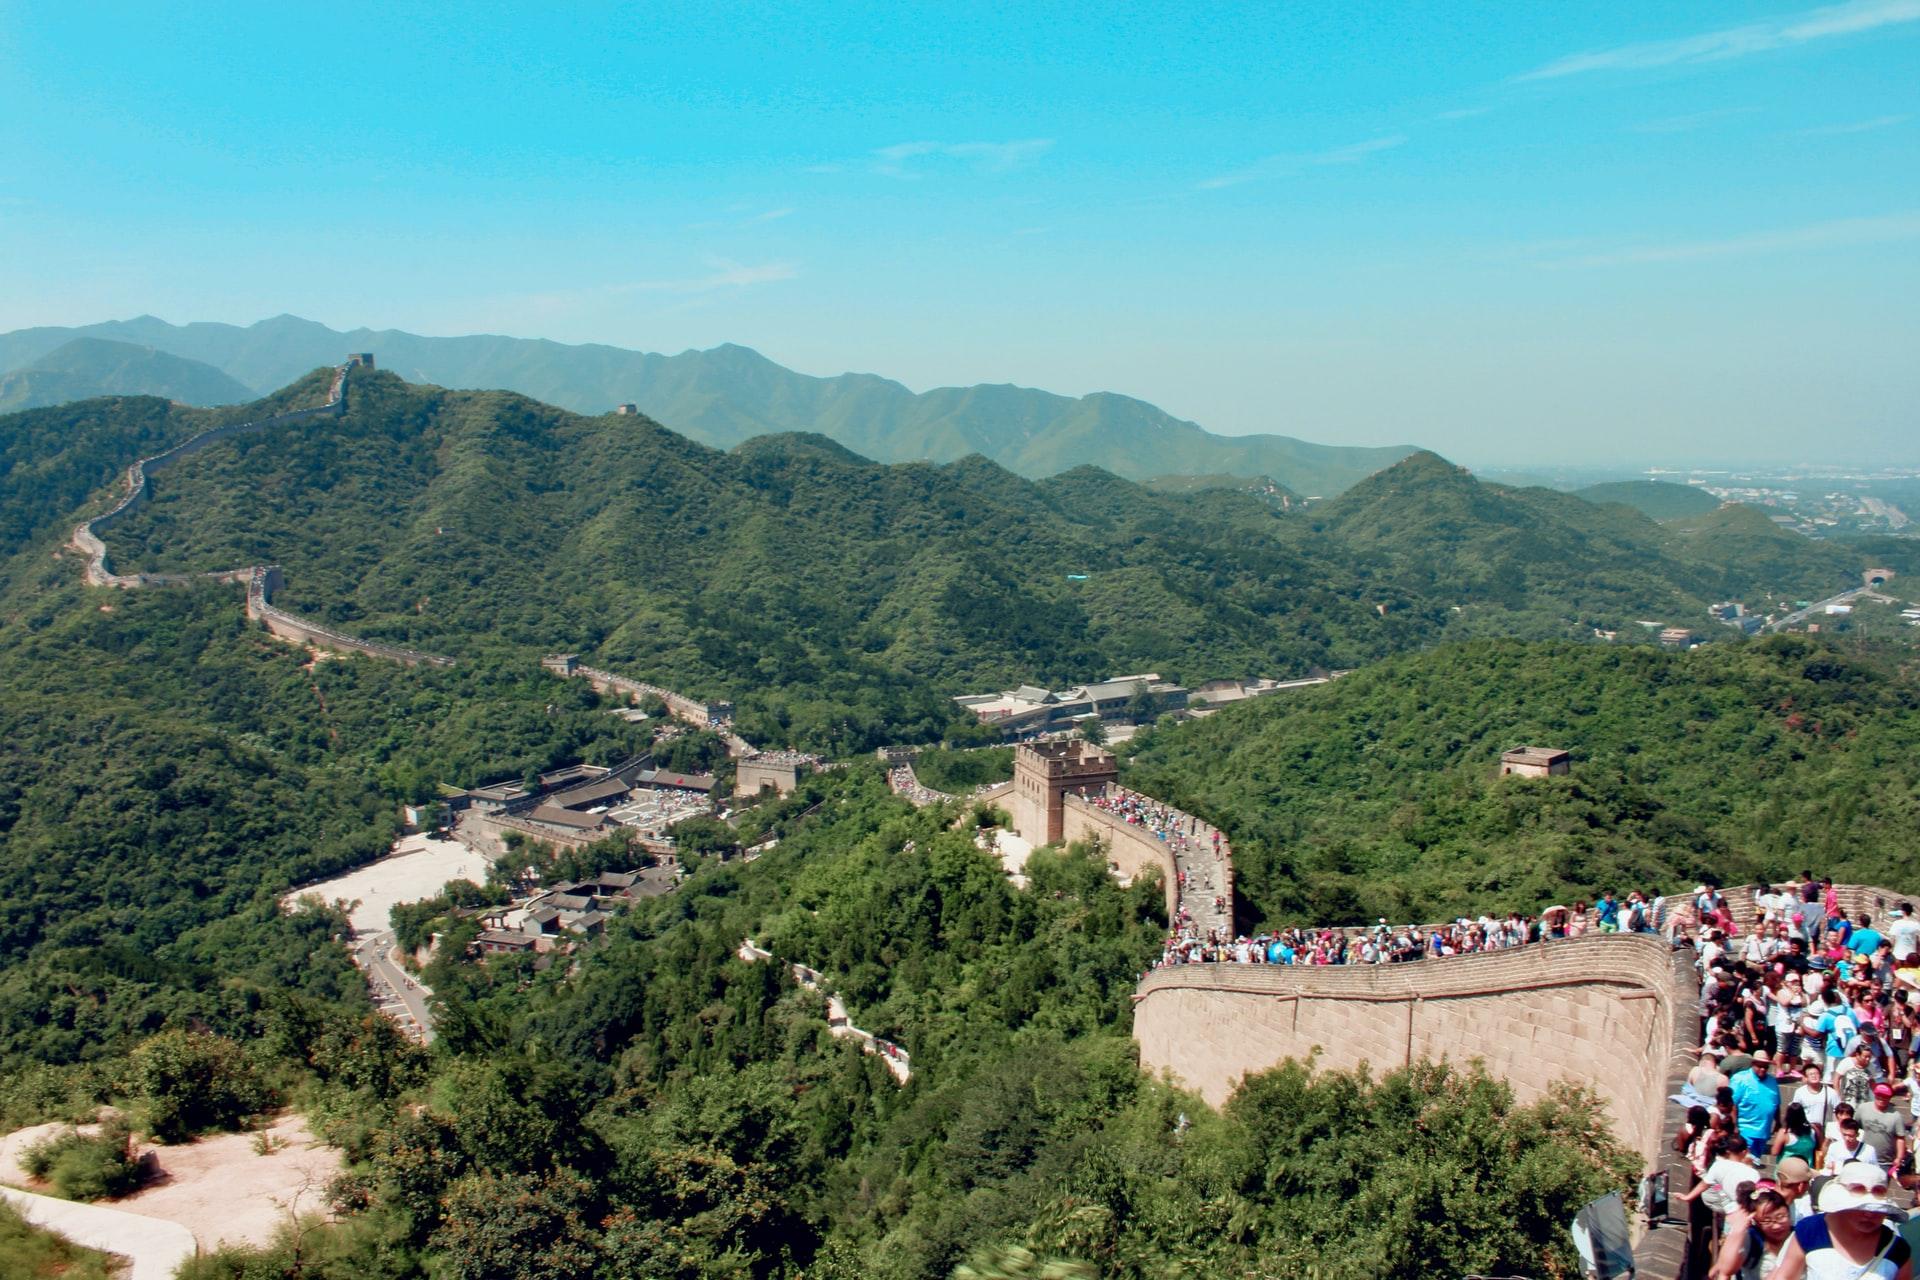 40 địa điểm leo núi nổi tiếng ở Châu Á